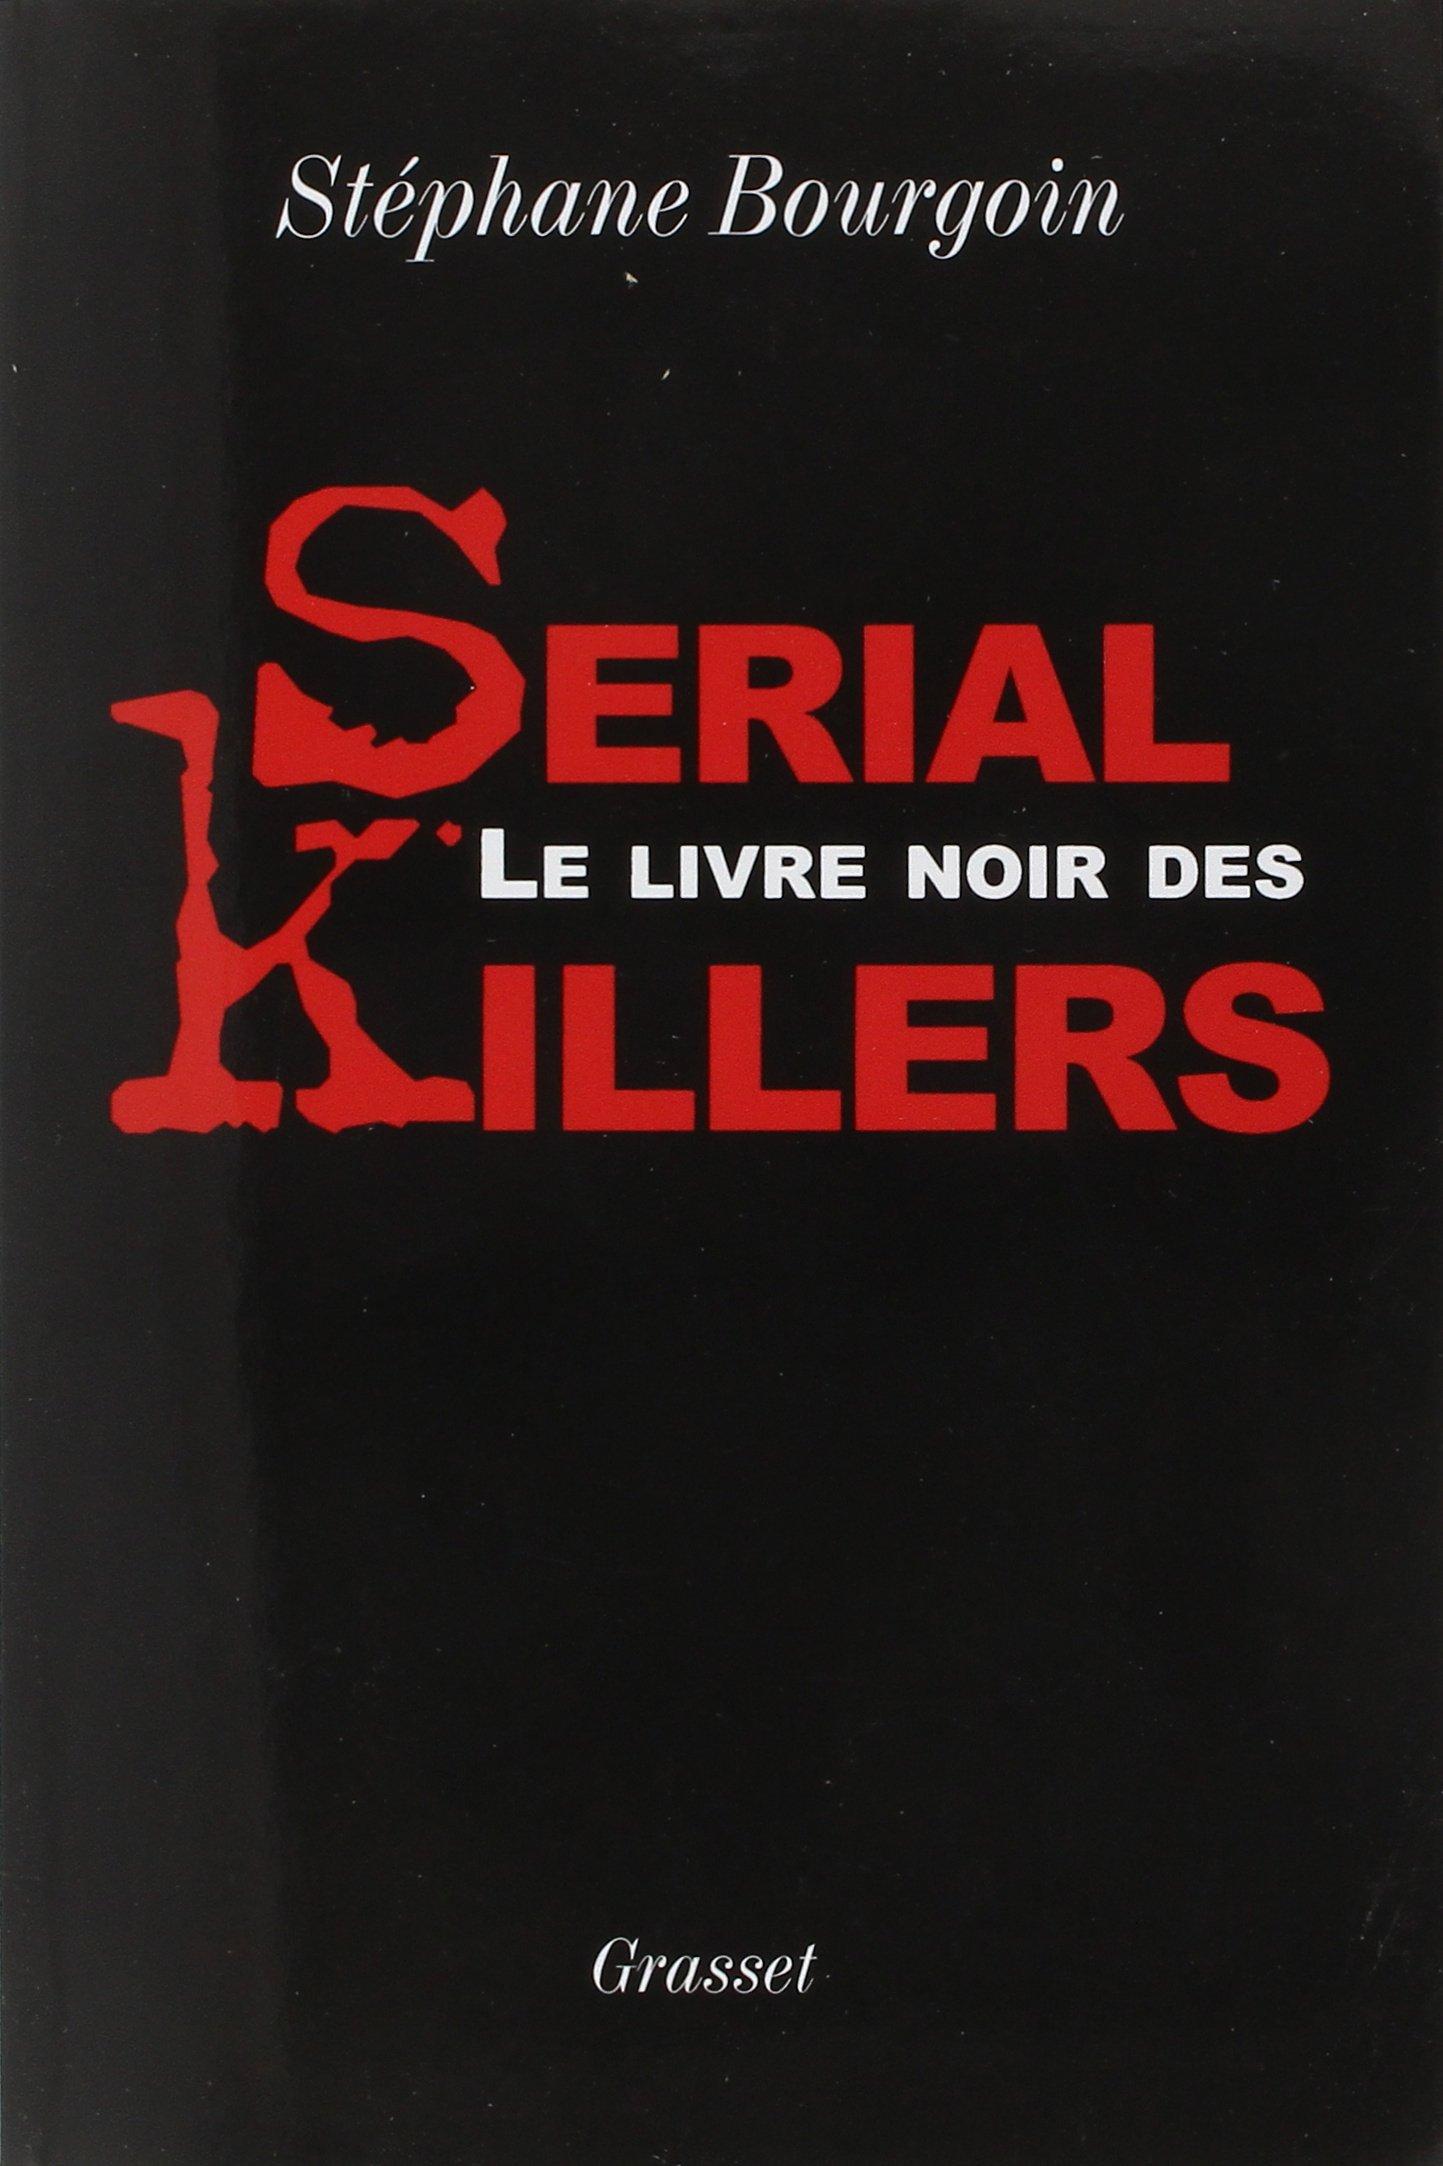 Le livre noir des serial killers Broché – 17 novembre 2004 Stéphane Bourgoin Grasset & Fasquelle 2246661919 Criminalité